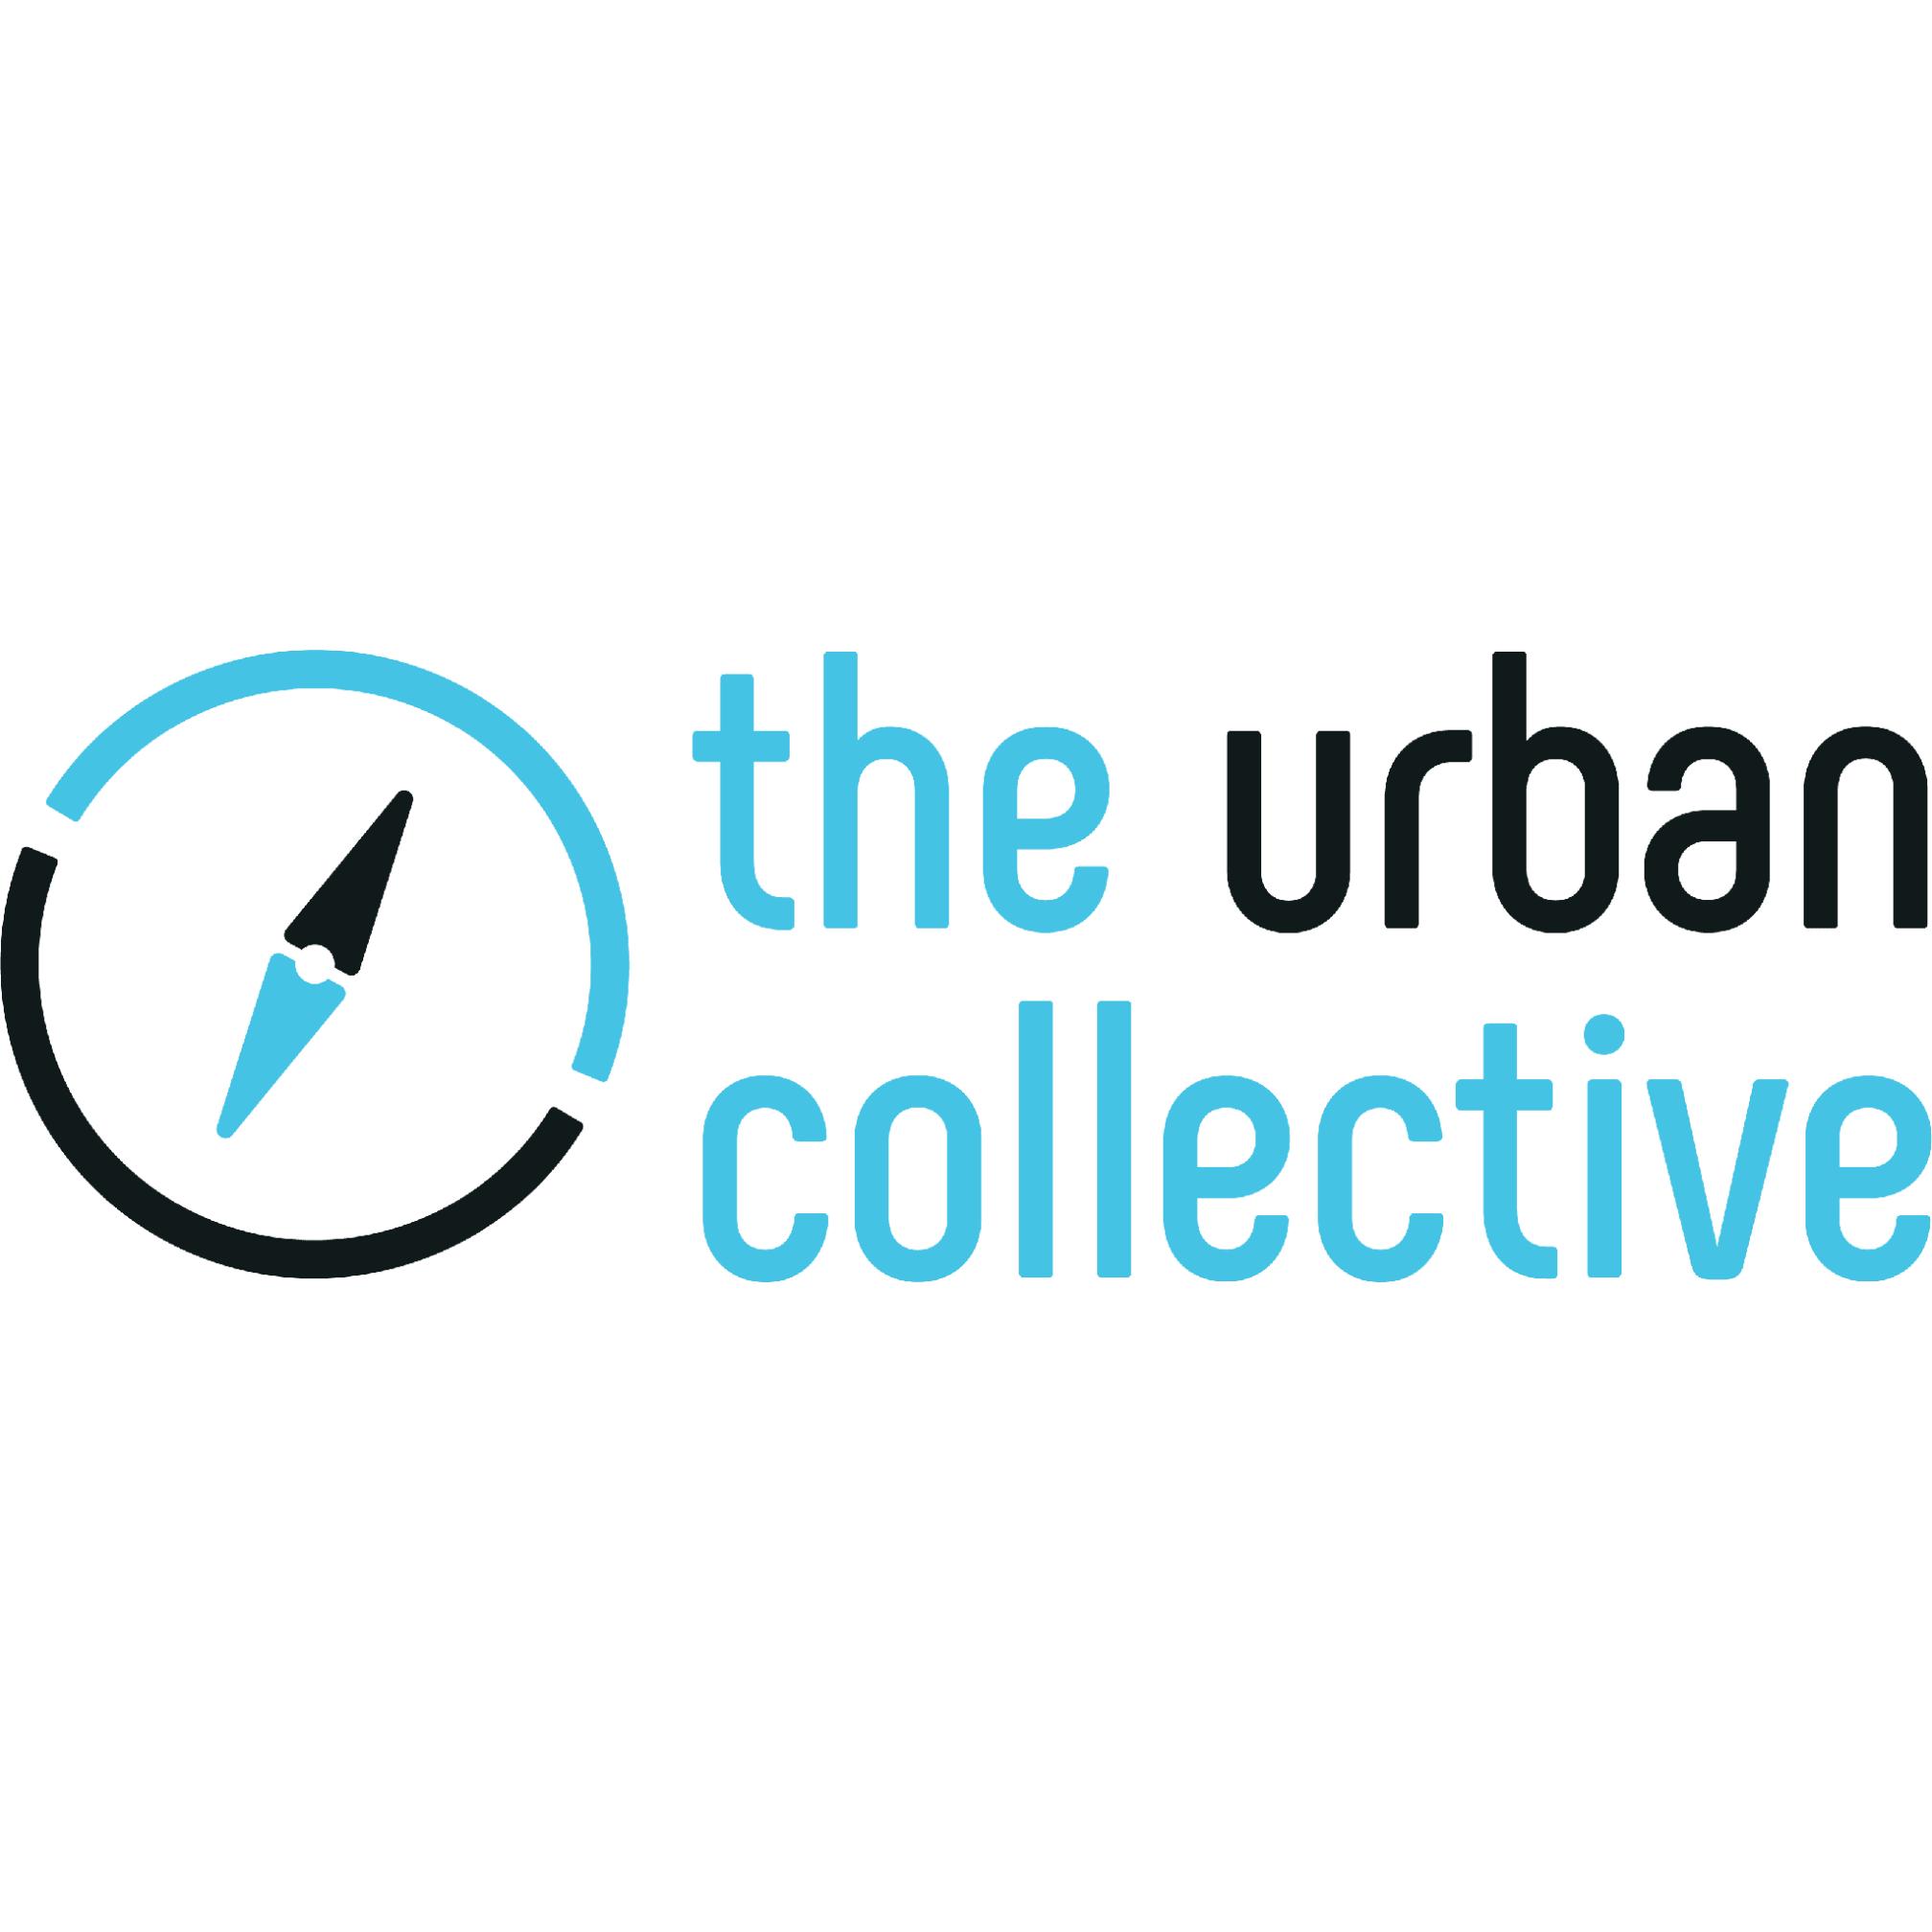 The Urban Collective company logo